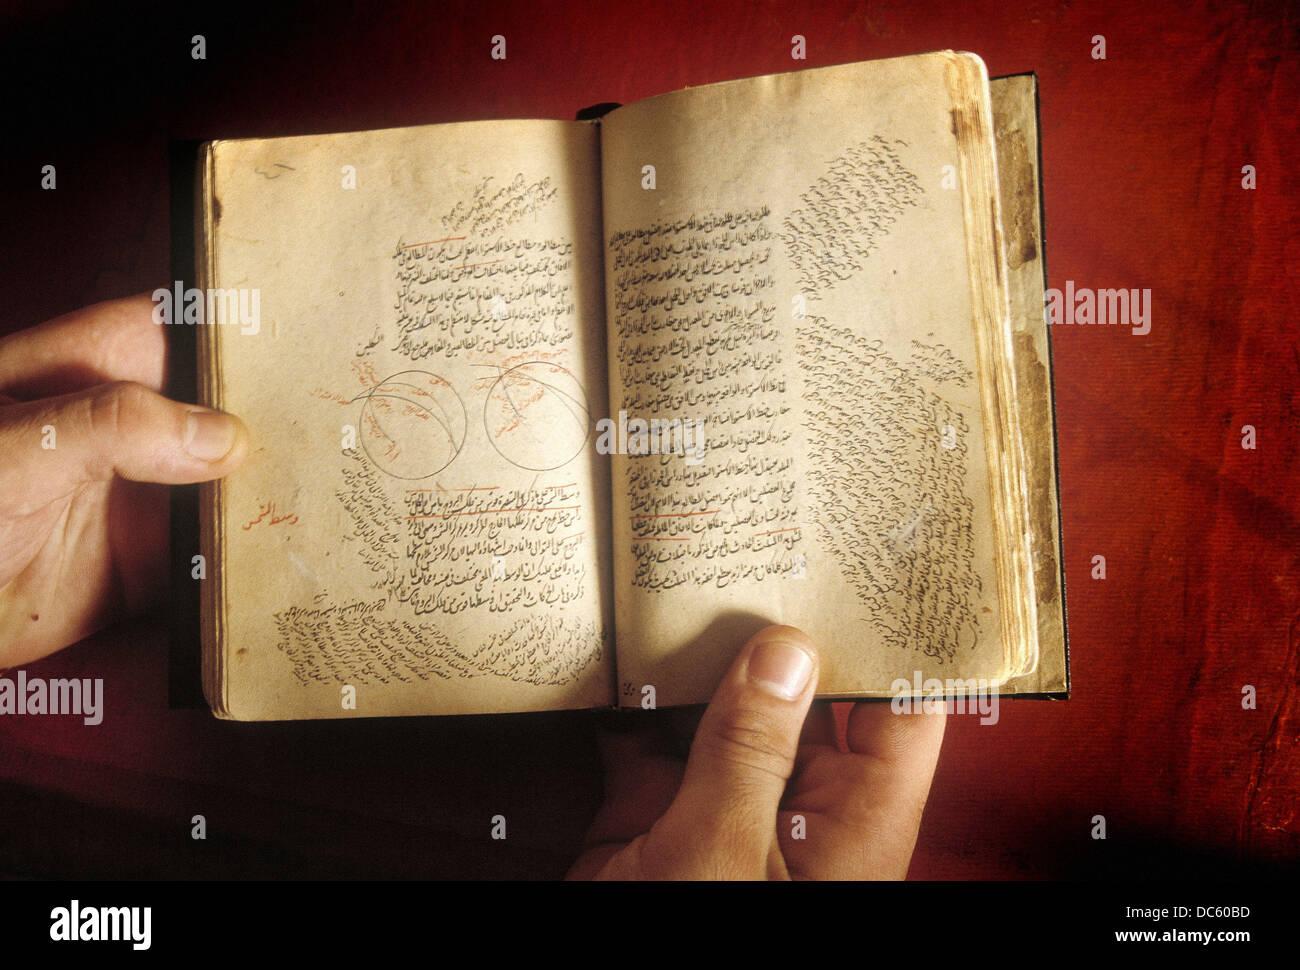 Livre astrologique datée du 15ème siècle à partir de la bibliothèque d'Alexandrie. Photo Stock